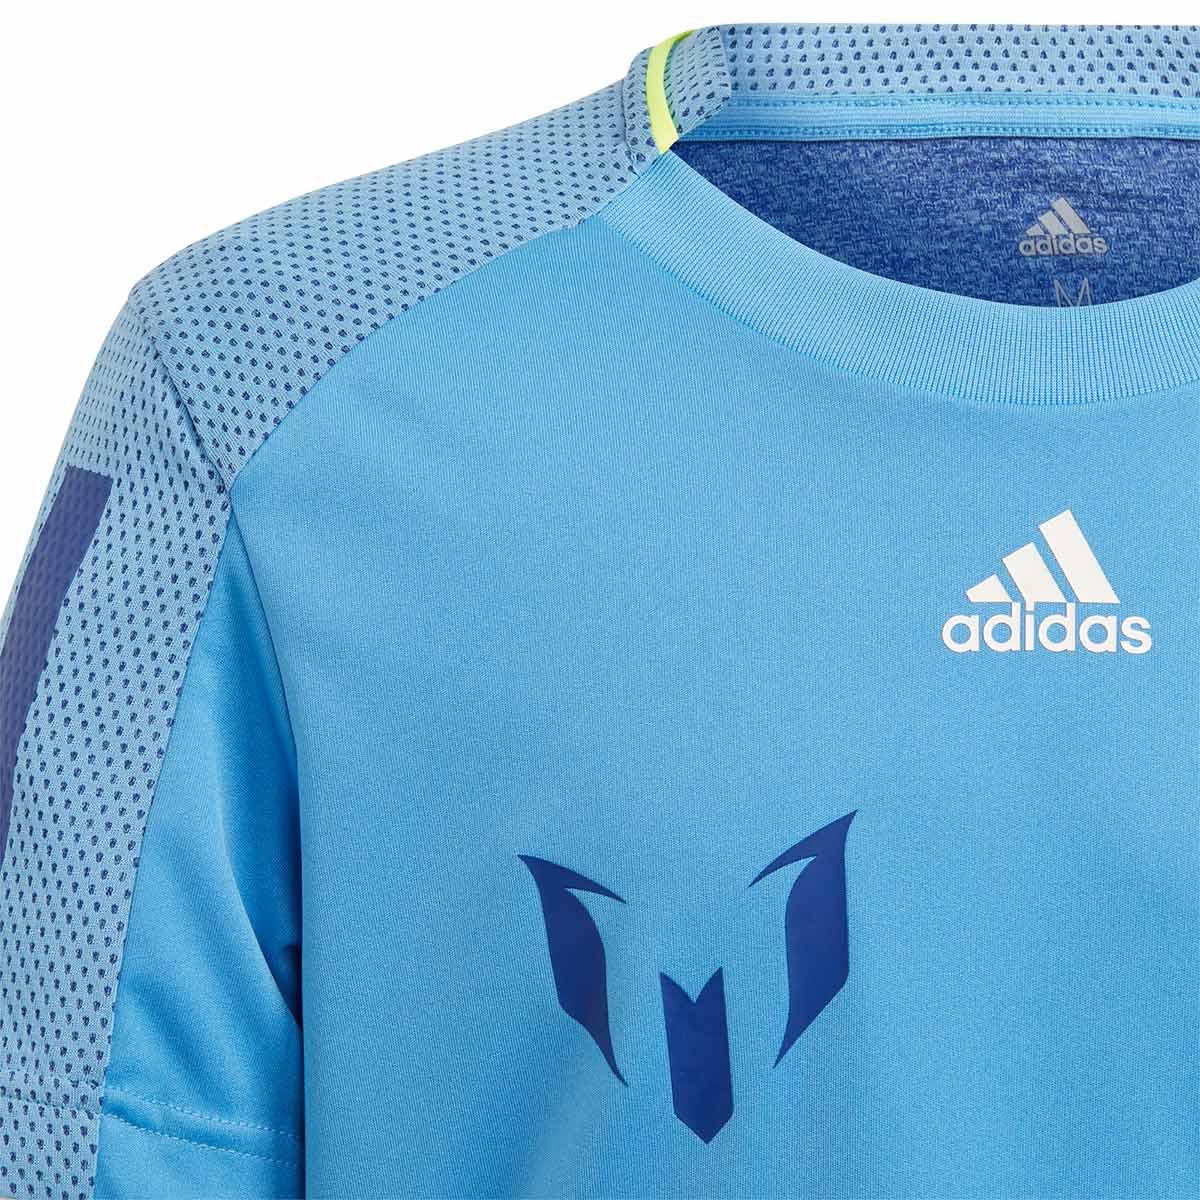 adidas Messi Icon Trikot Blau | adidas Deutschland